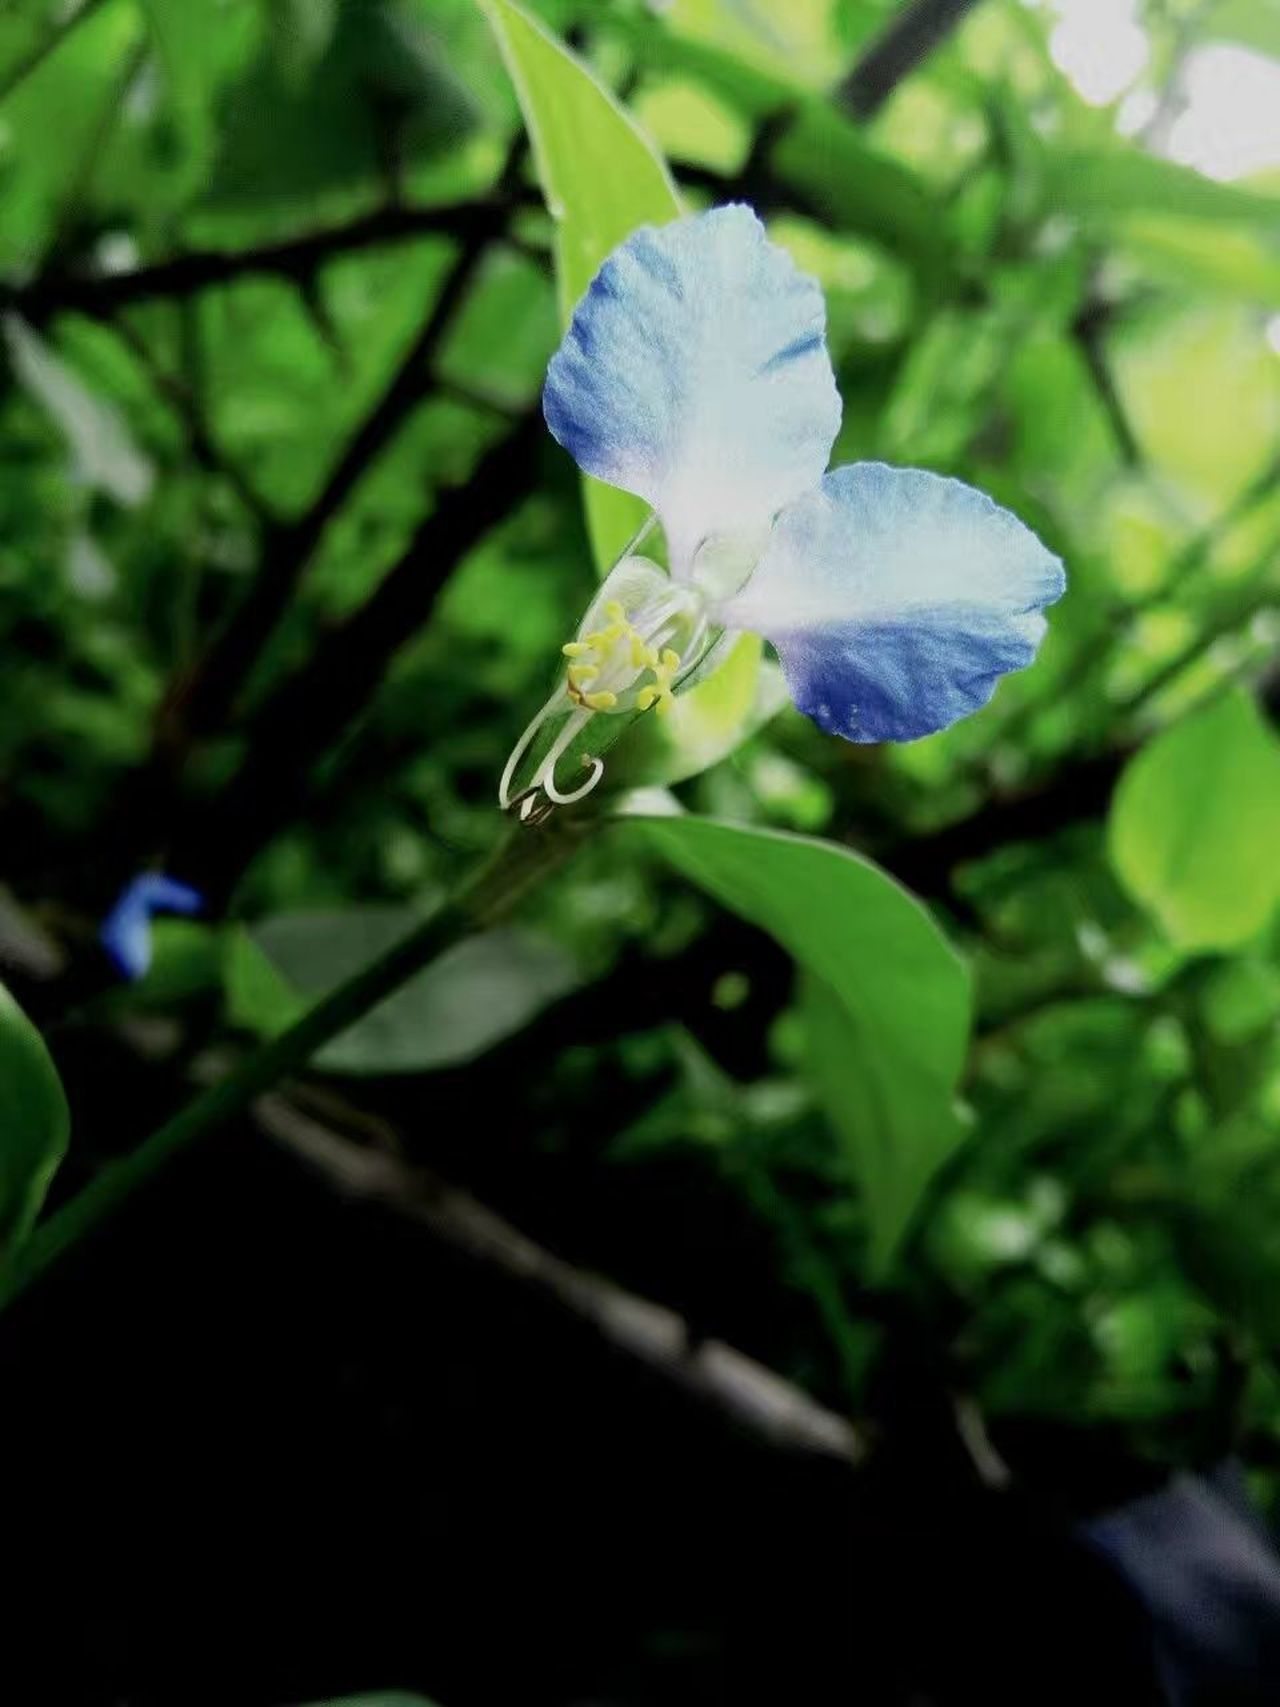 路边的野花 Flower Nature Fragility Plant Beauty In Nature Growth Close-up Freshness Leaf Petal No People Day Outdoors Flower Head